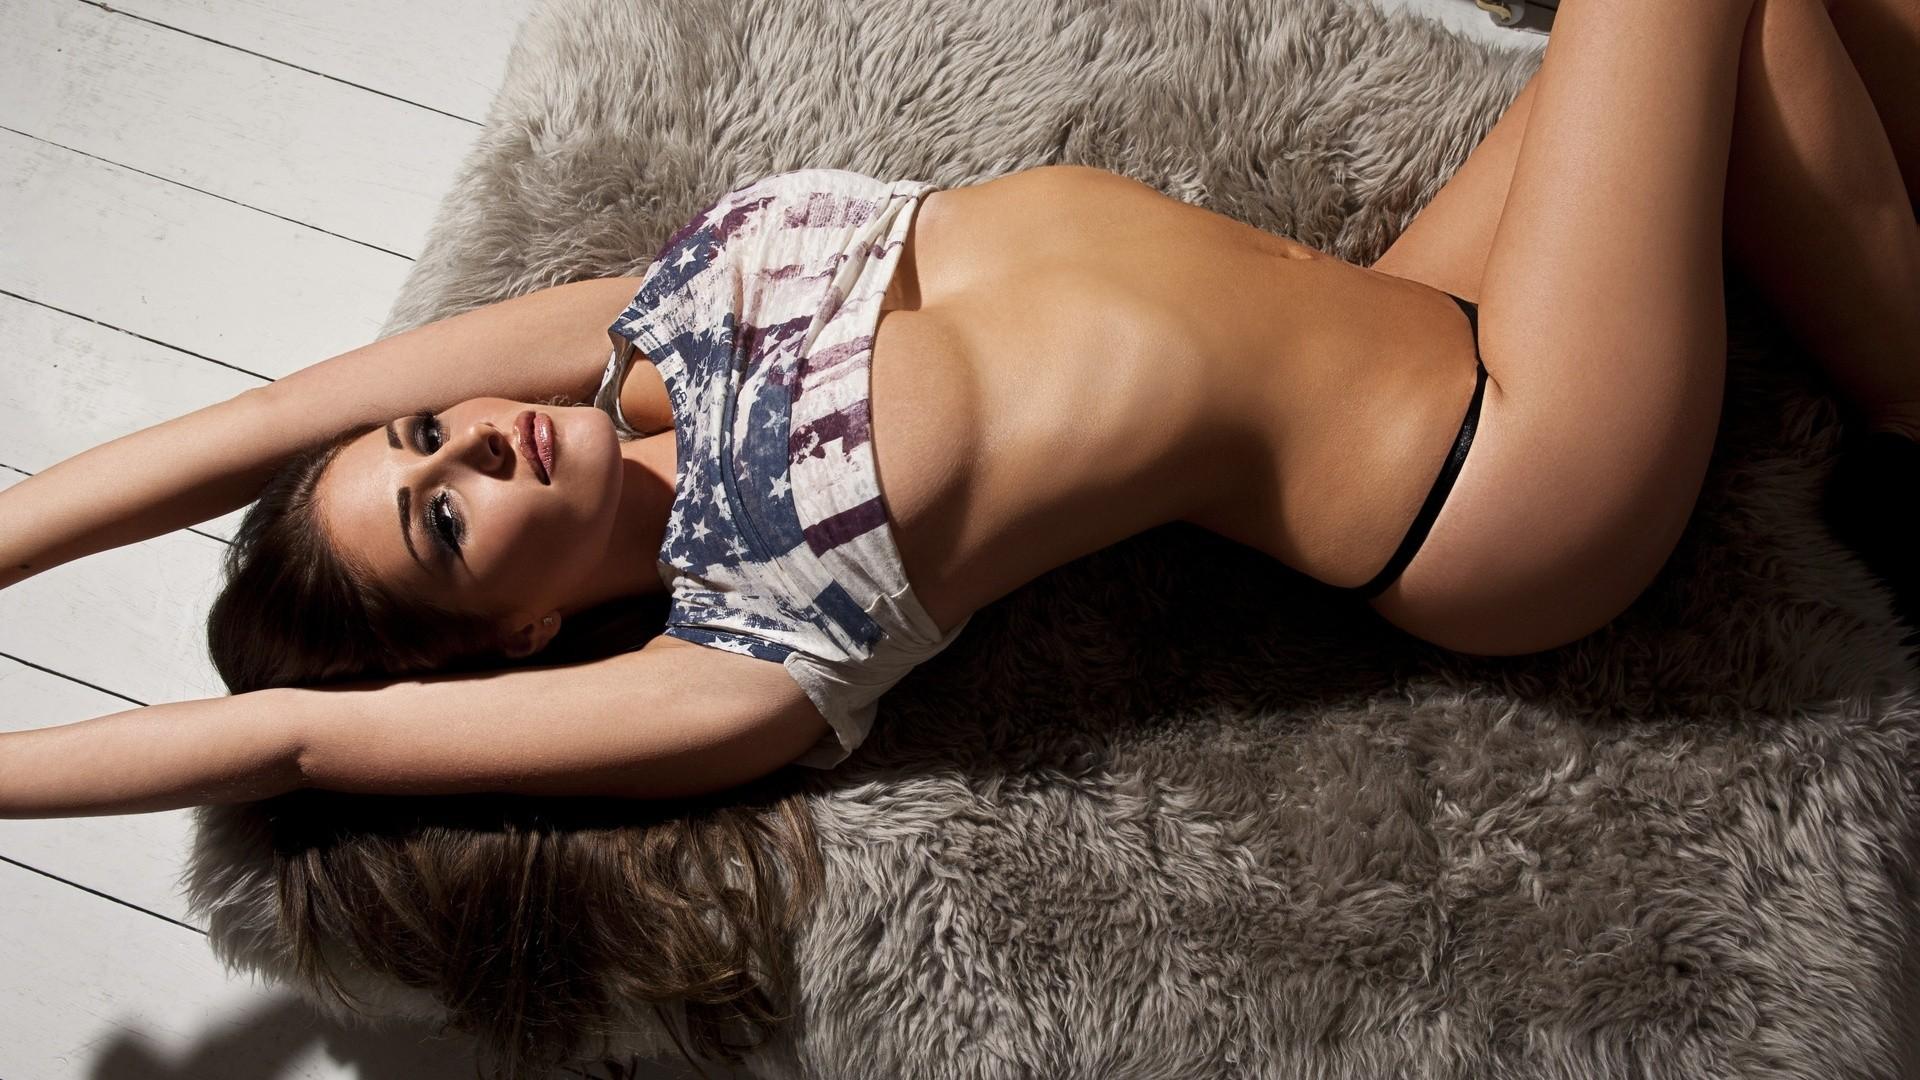 Фото сексуальных обычных девушек, Домашняя эротика, частные ню фото 12 фотография